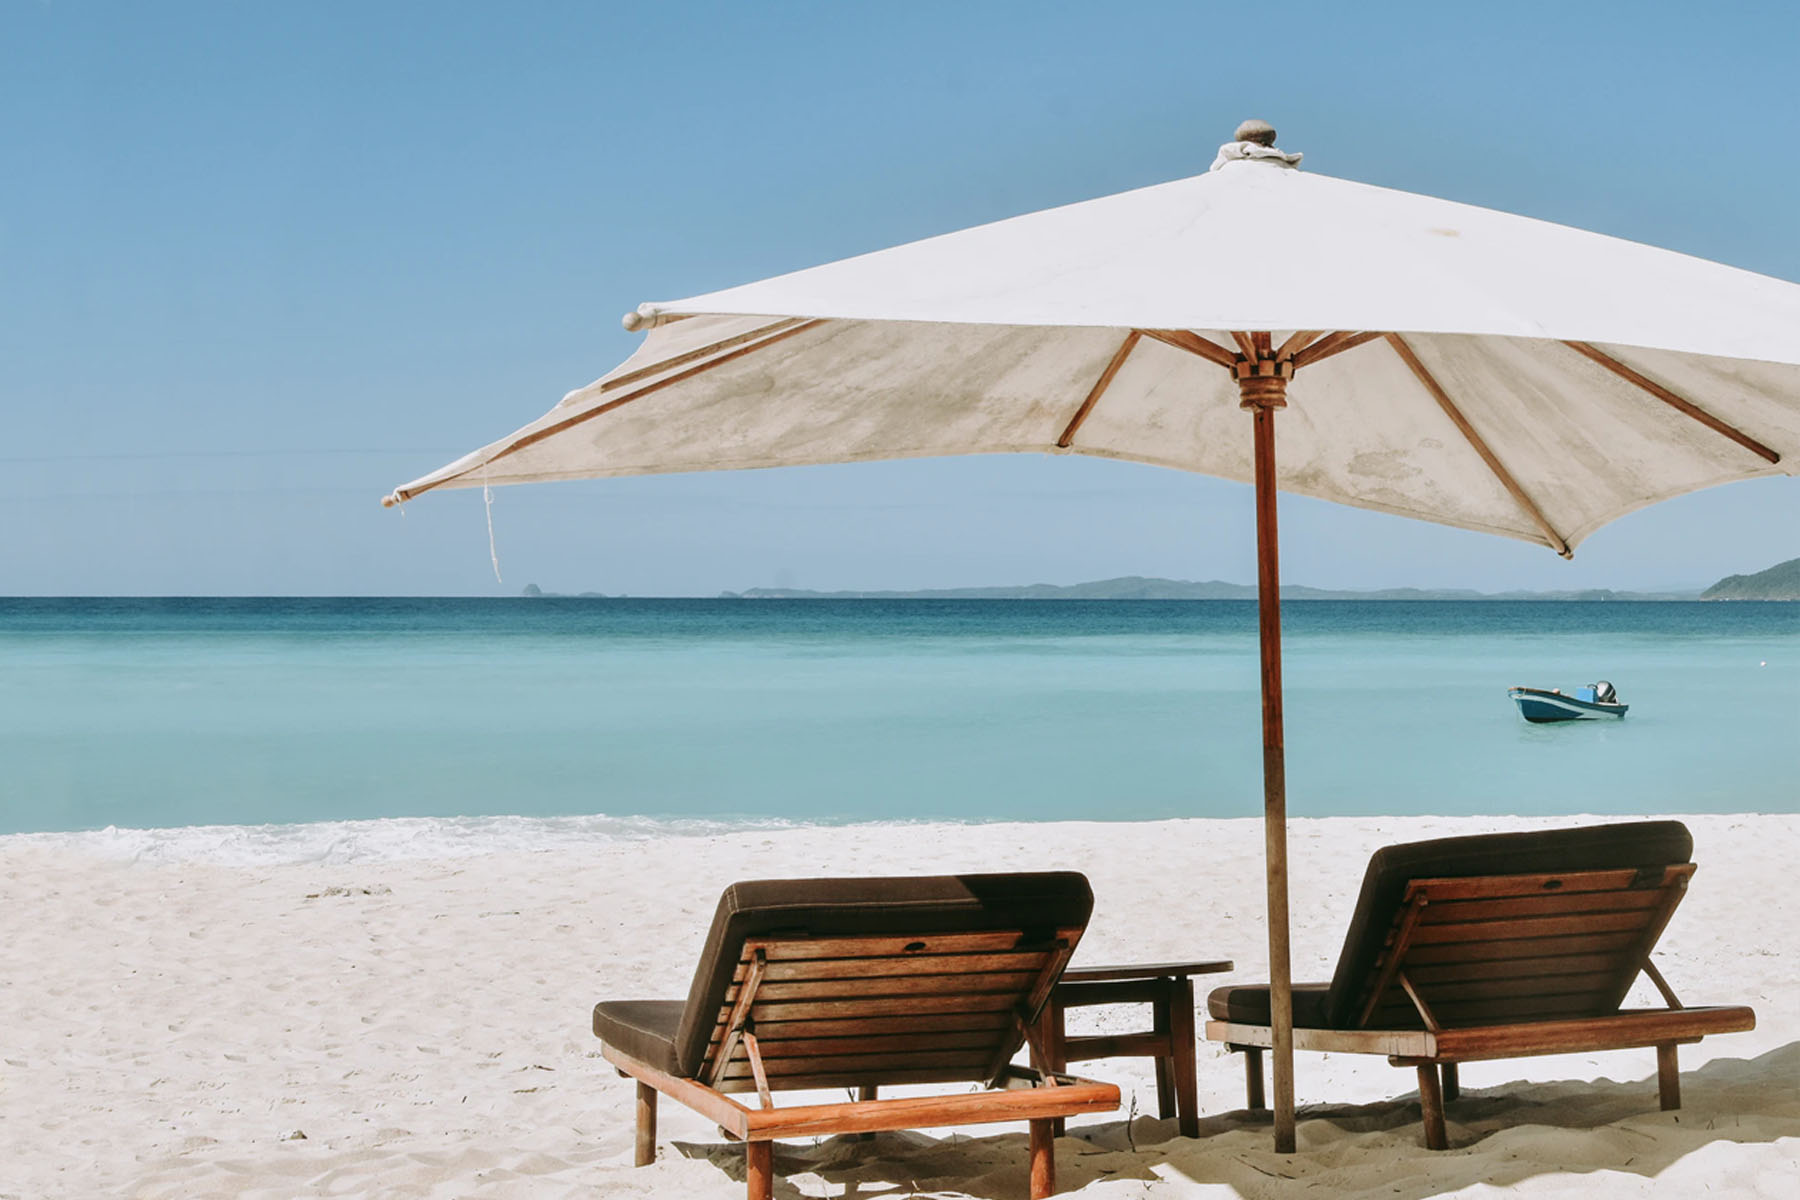 Cennik standardowy na plaży